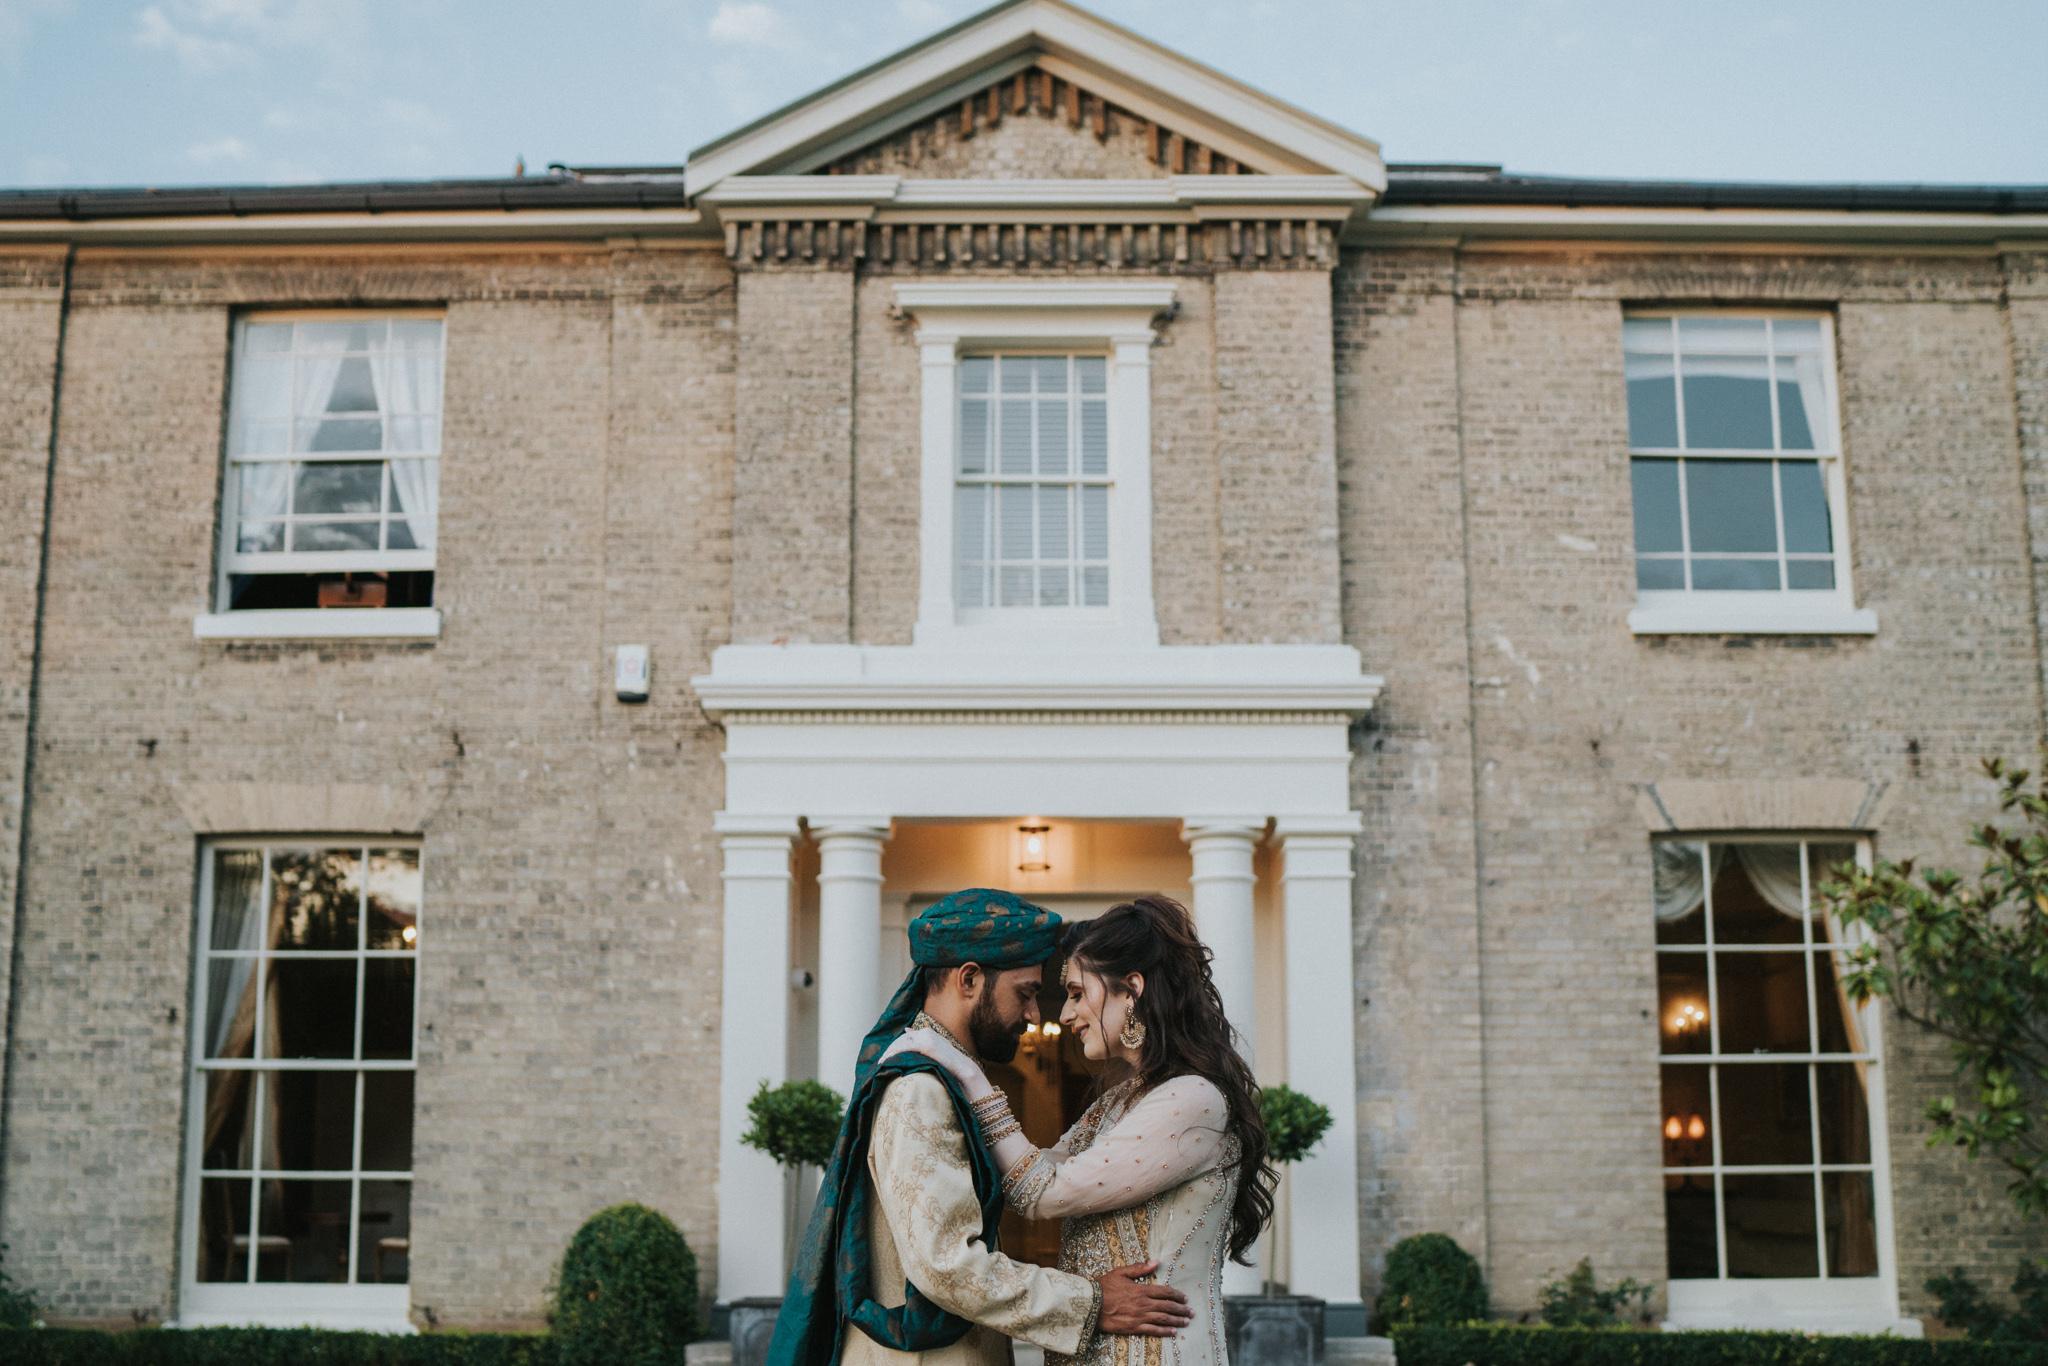 lizzie-faz-fennes-asian-fusion-wedding-grace-elizabeth-colchester-essex-alternative-wedding-lifestyle-photographer-essex-suffolk-norfolk-devon (53 of 55).jpg